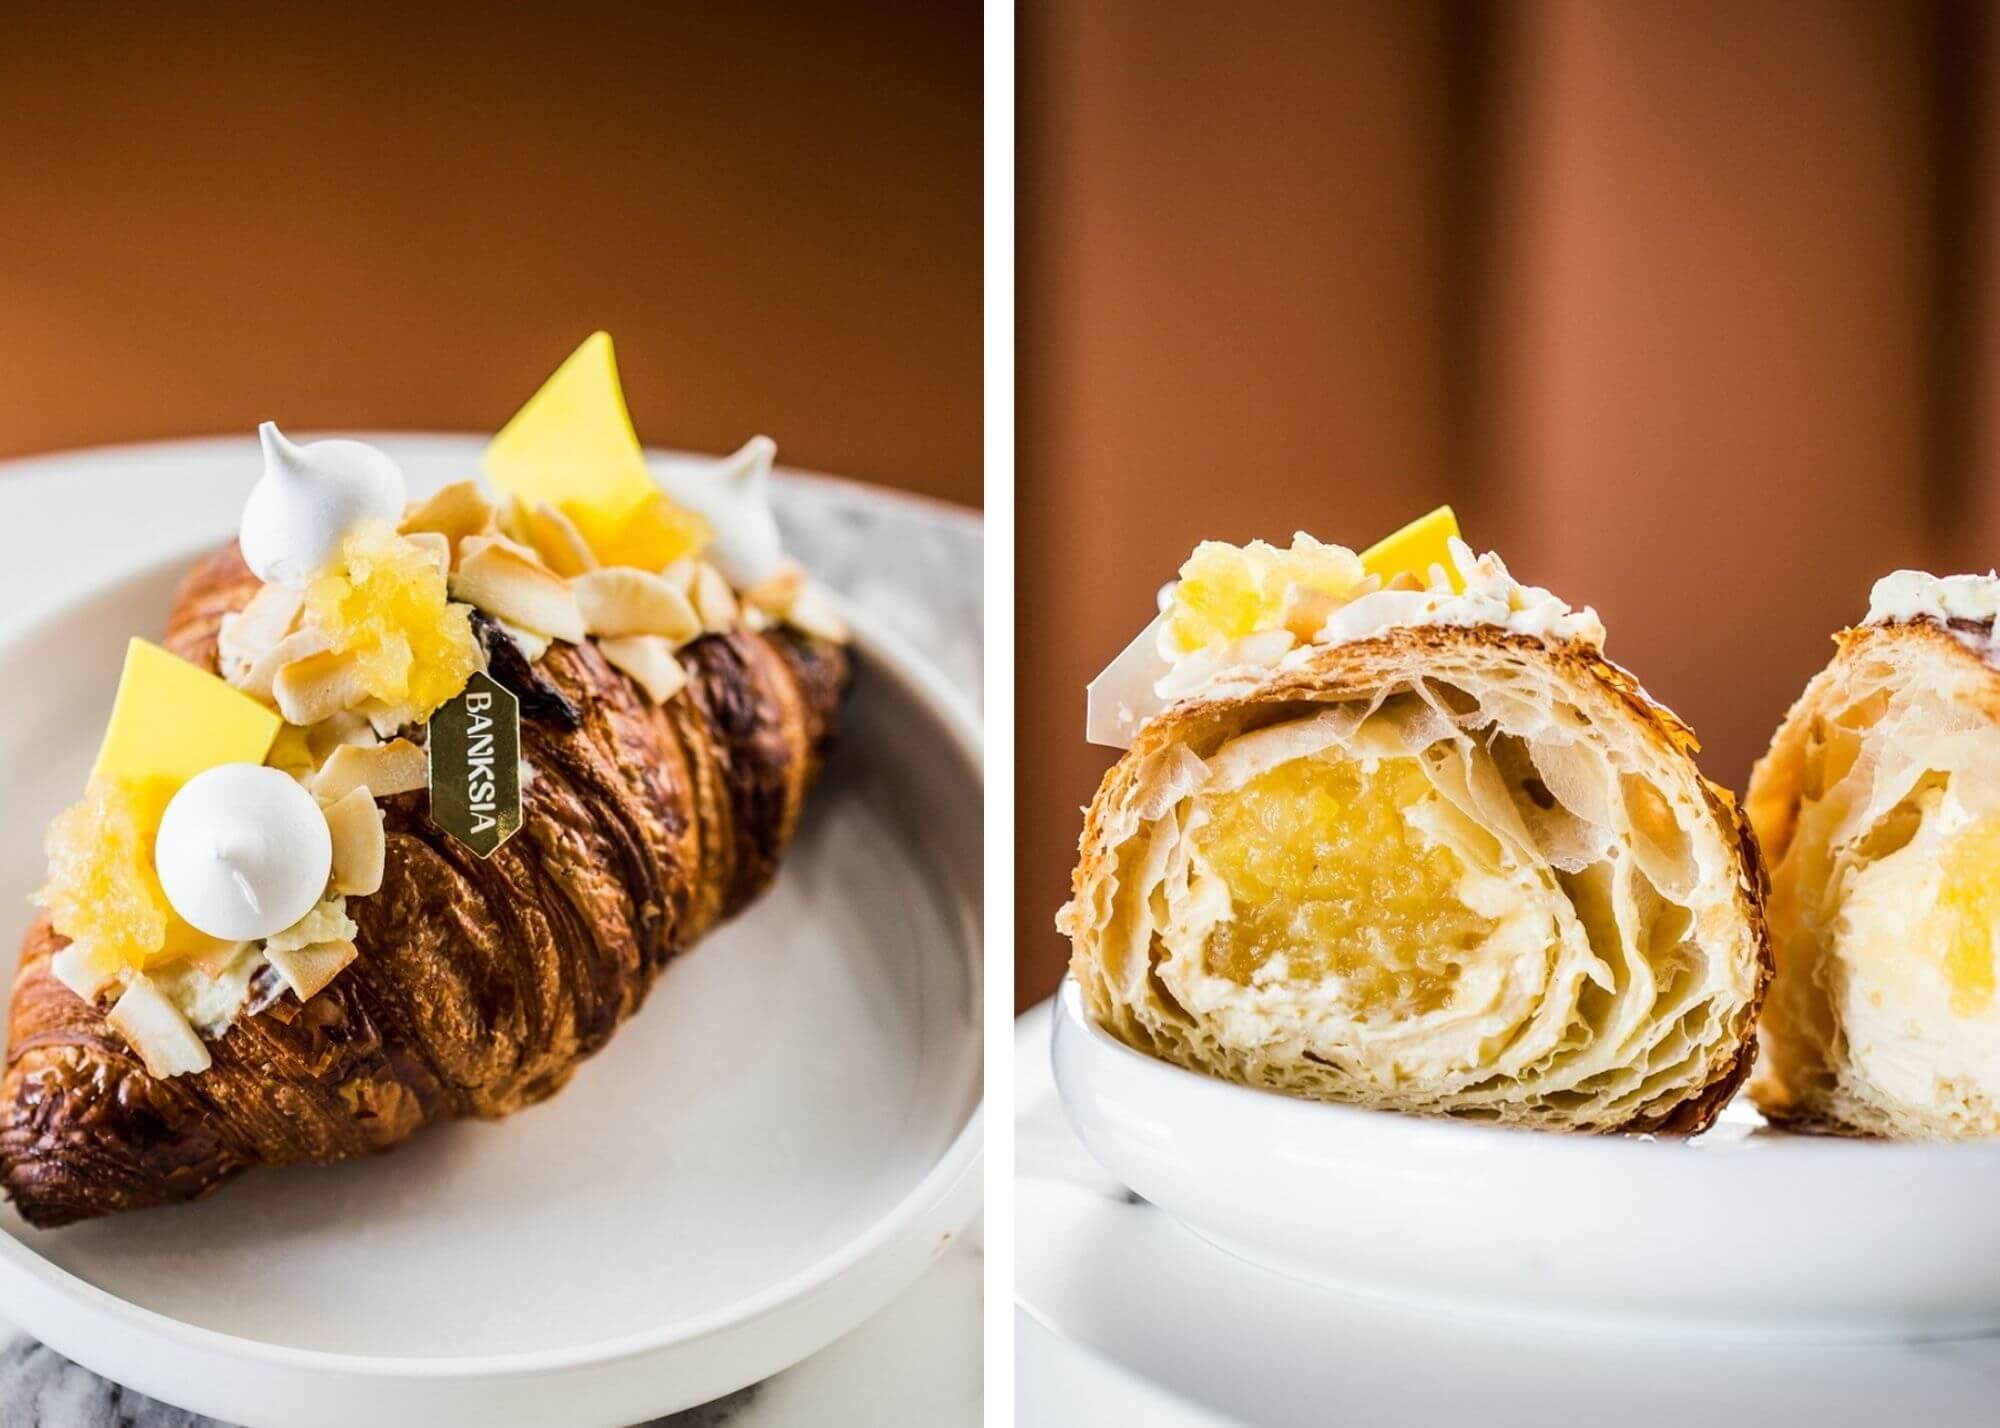 Banksia Bakehouse pina colada croissant